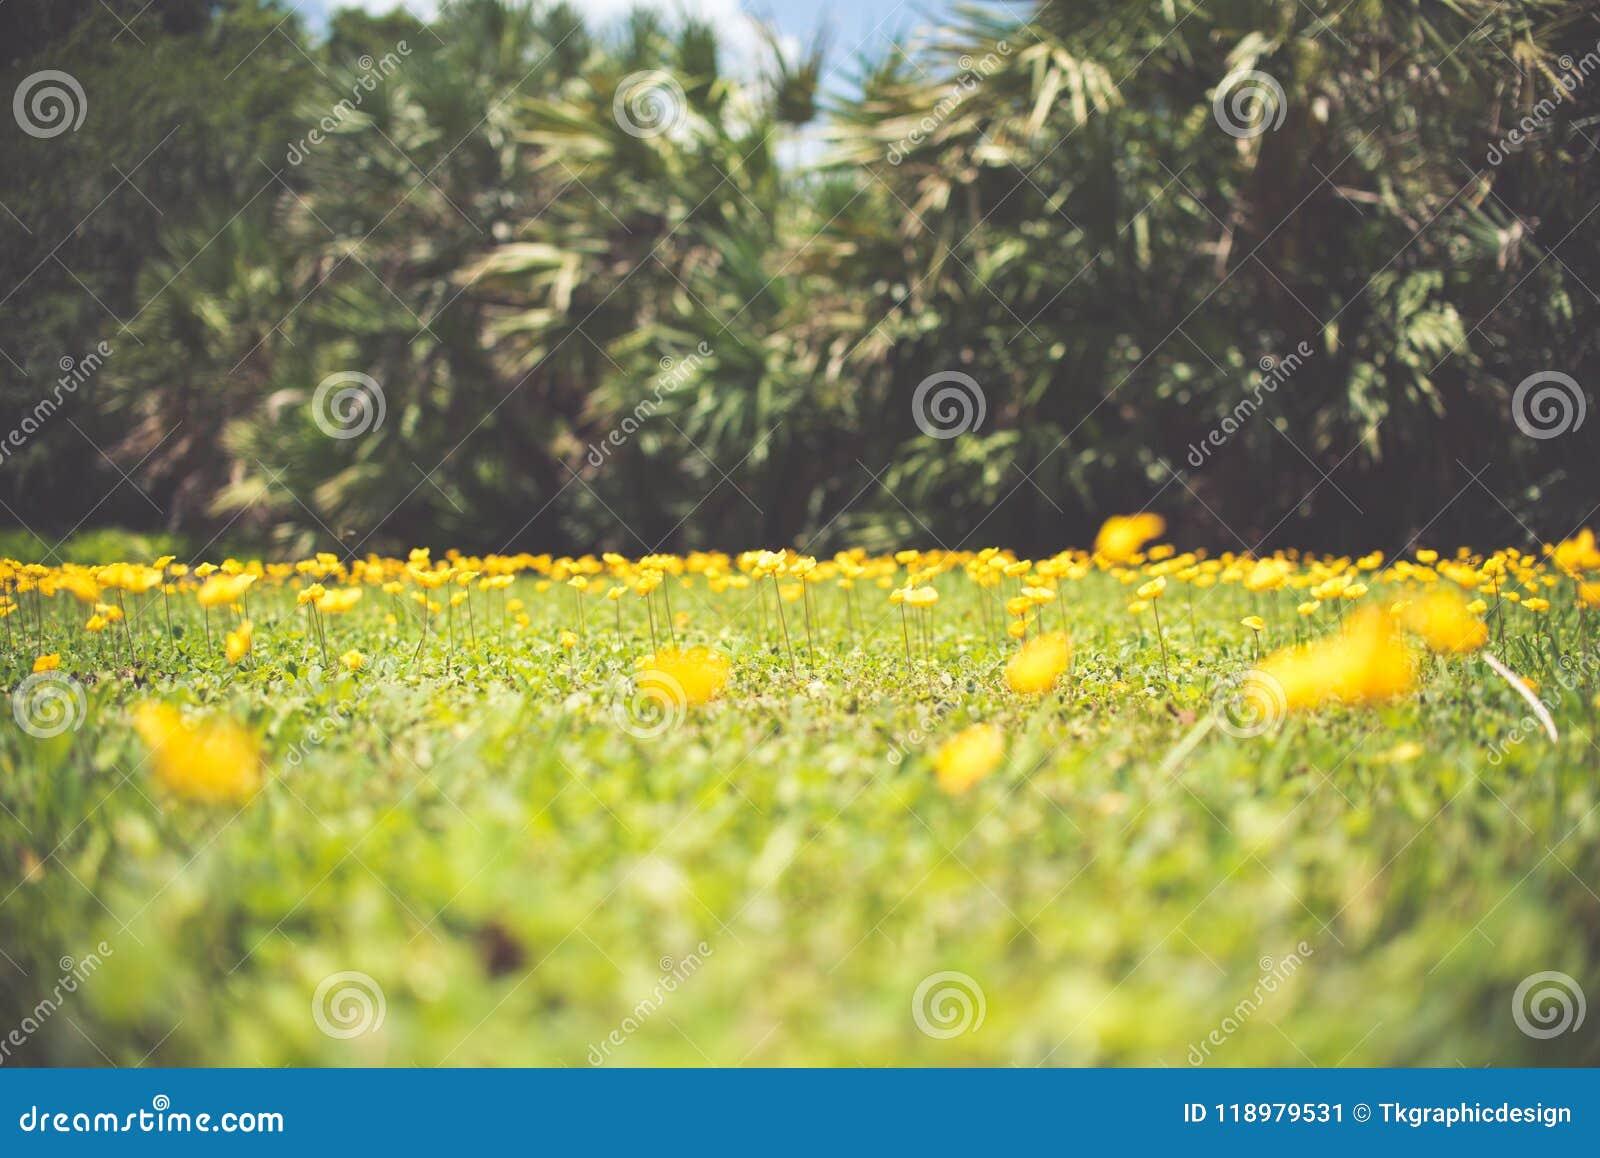 Perennial Peanut Also Yellow Arachis Pintoi Flower Stock Image